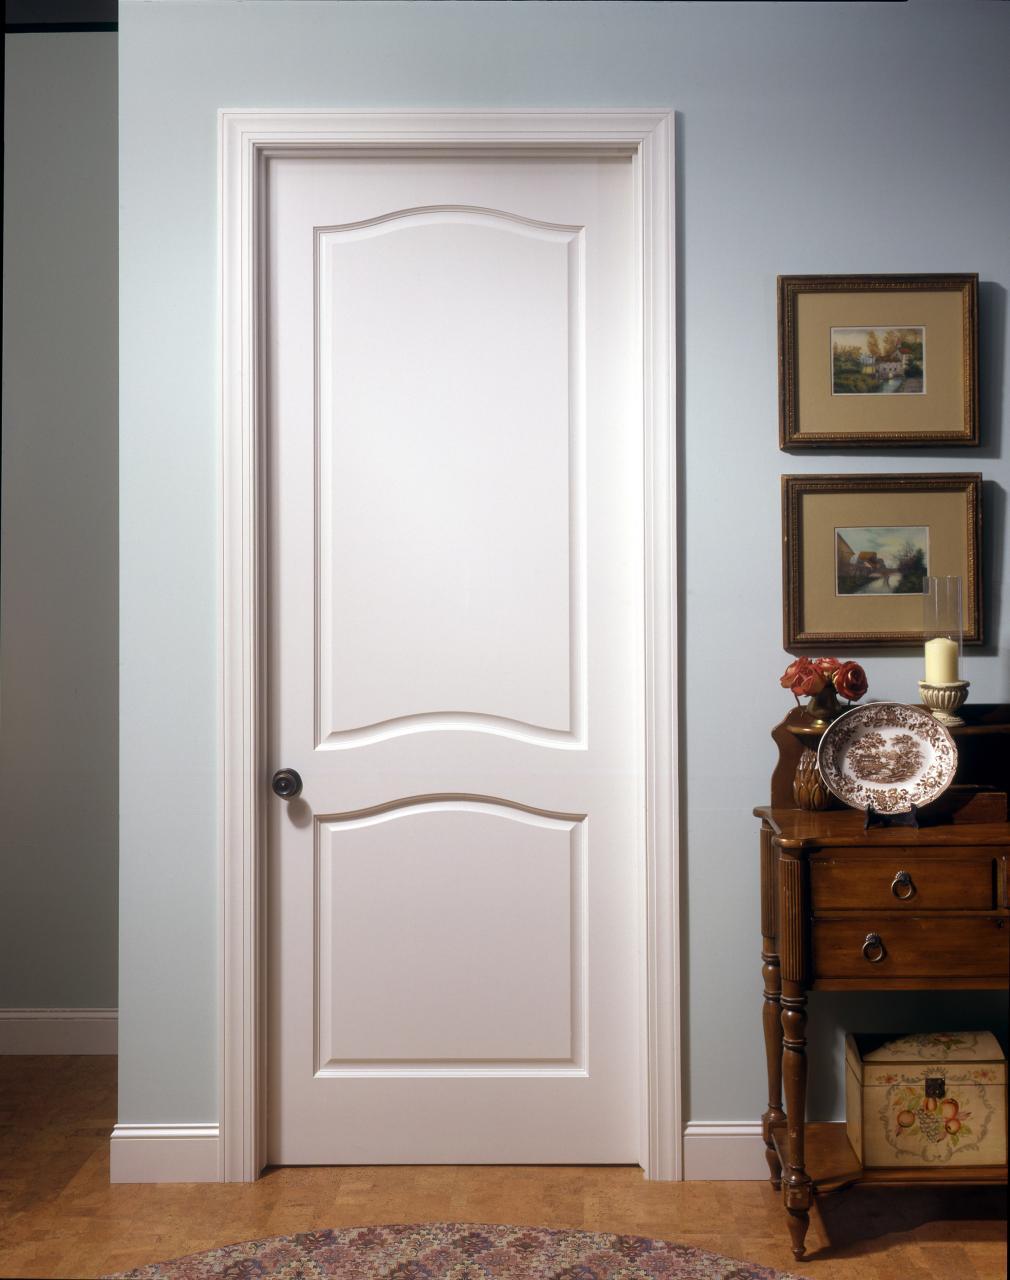 Bathroom MDF Interior Door   Standard Panel. Colonial_ts2080_mdf_1_rgb